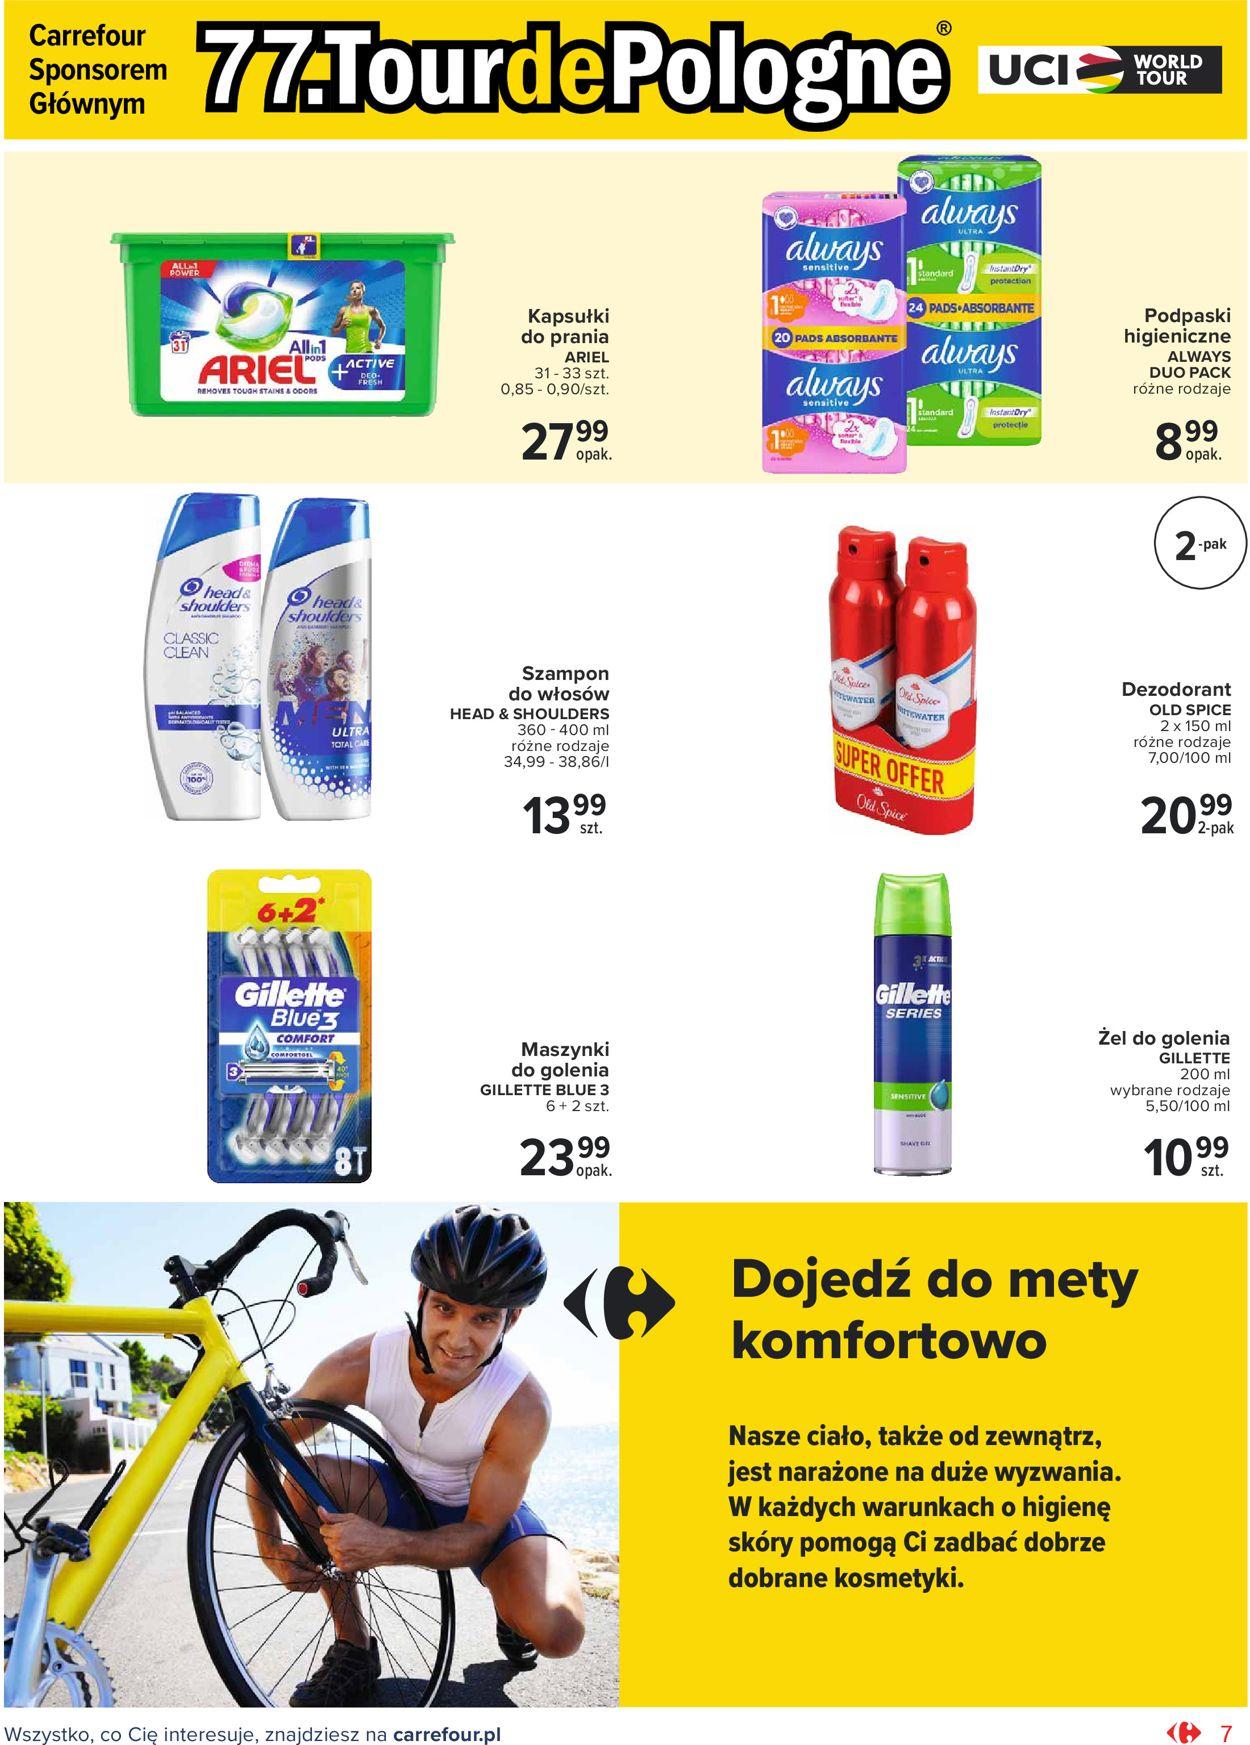 Gazetka promocyjna Carrefour - 04.08-14.08.2020 (Strona 7)